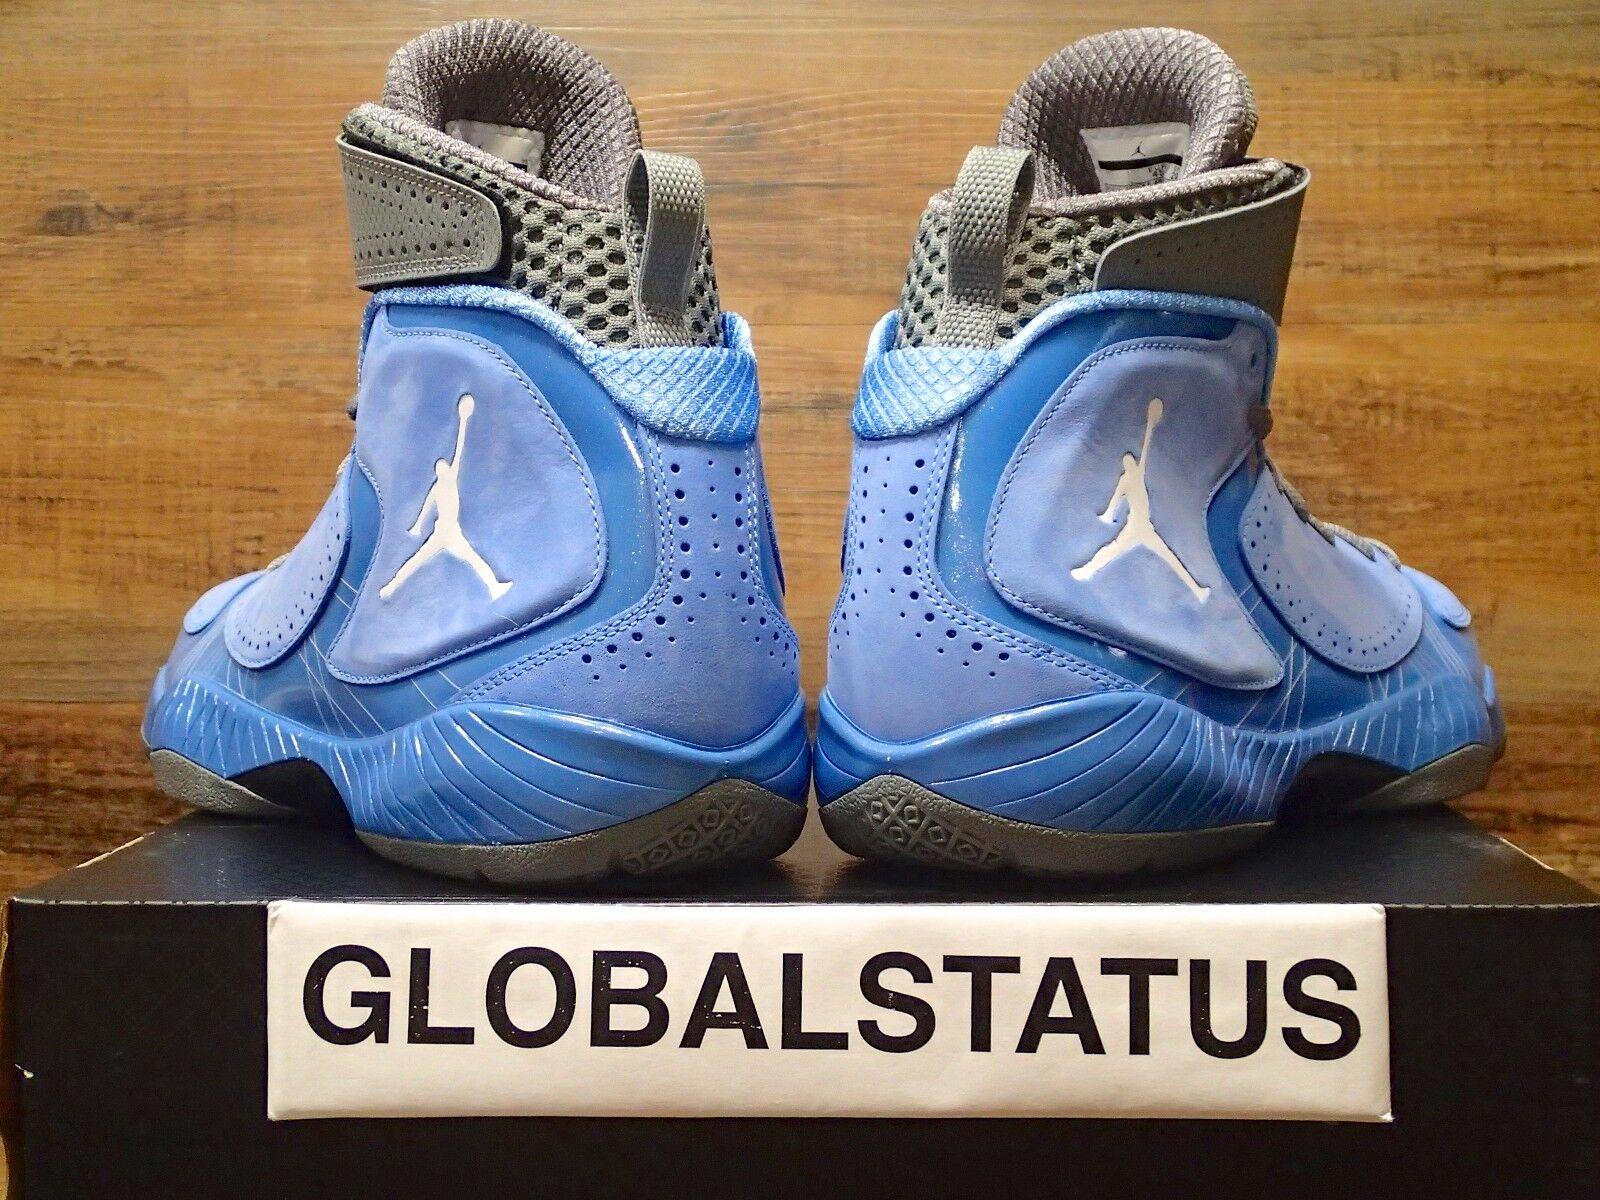 2012 NIKE AIR AIR AIR JORDAN  UNC  UNVERISTY blueE RETRO BASKETBALL SHOE 484654 400 SZ 11 24abc8